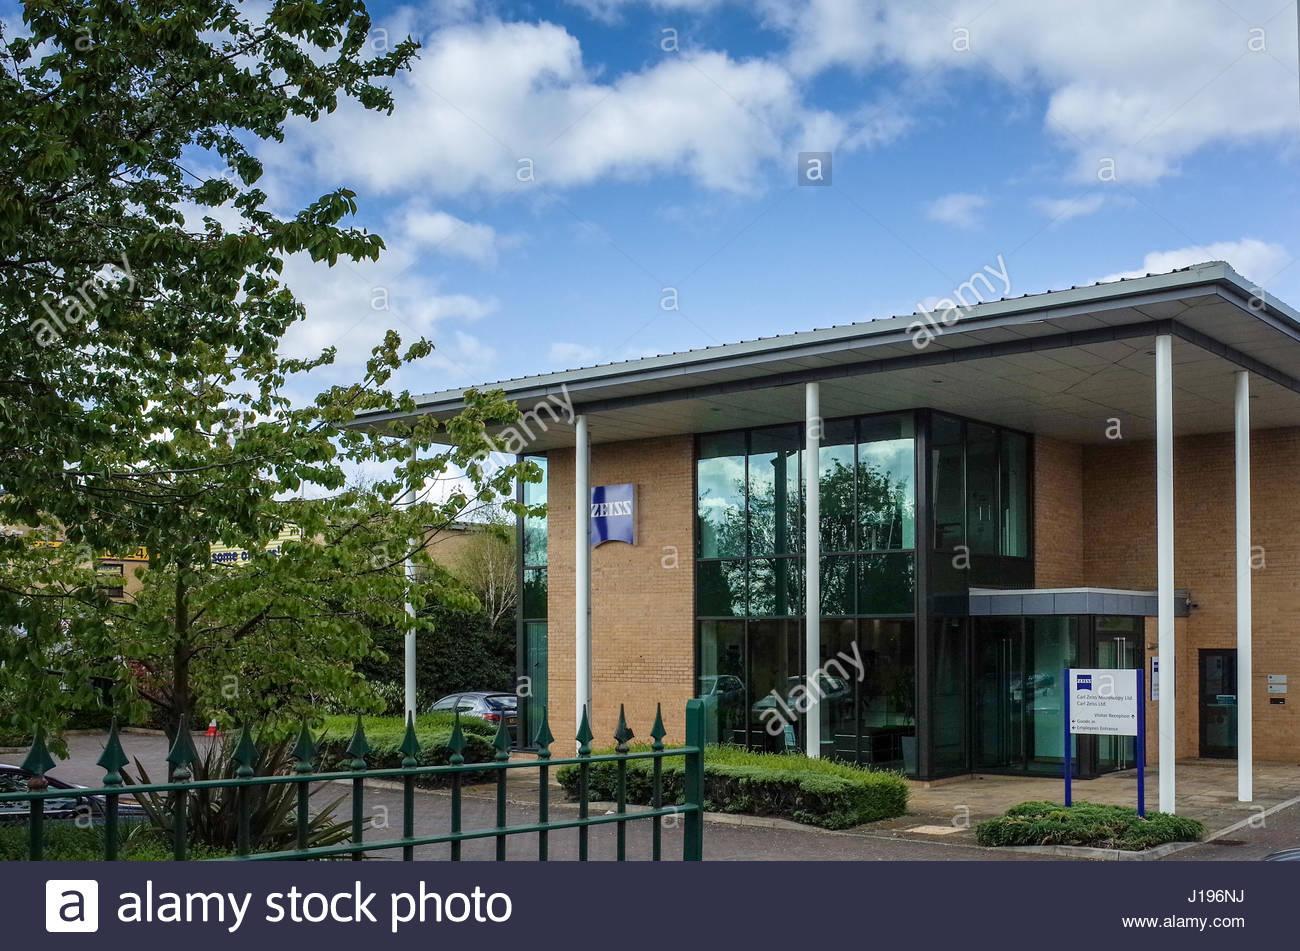 Obiettivo Carl Zeiss Microscopia Ltd, Coldhams Lane, Cambridge Regno Unito Immagini Stock